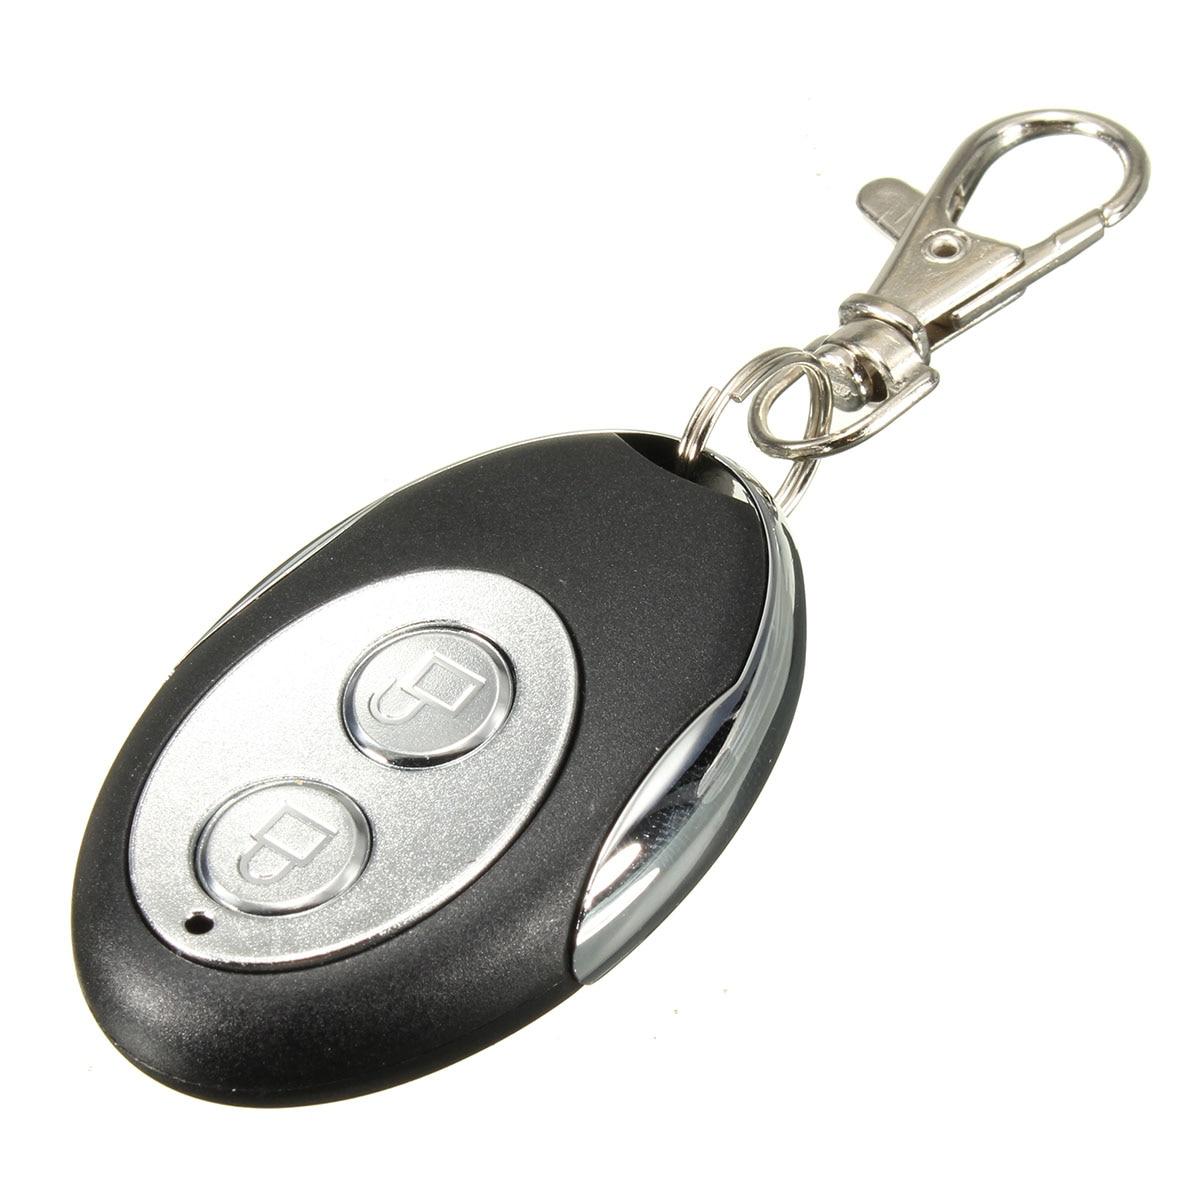 433mhz Universal 2 Button Electric Gate Garage Door Key